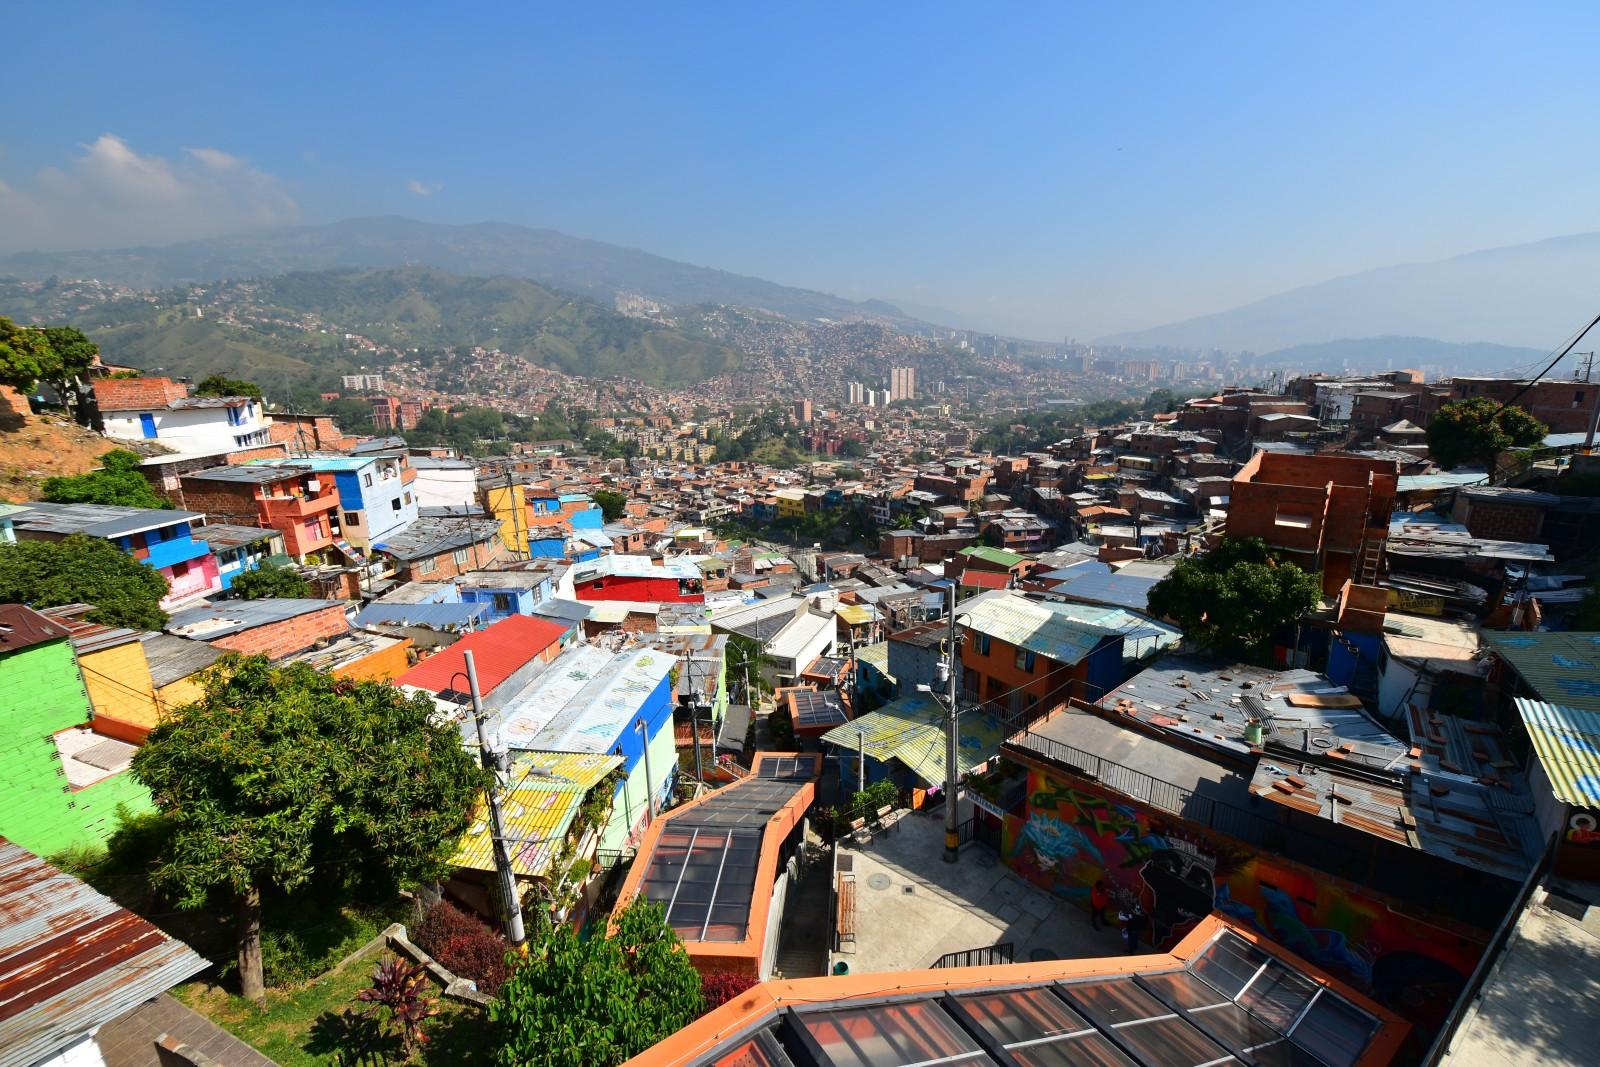 MedellinRecovered